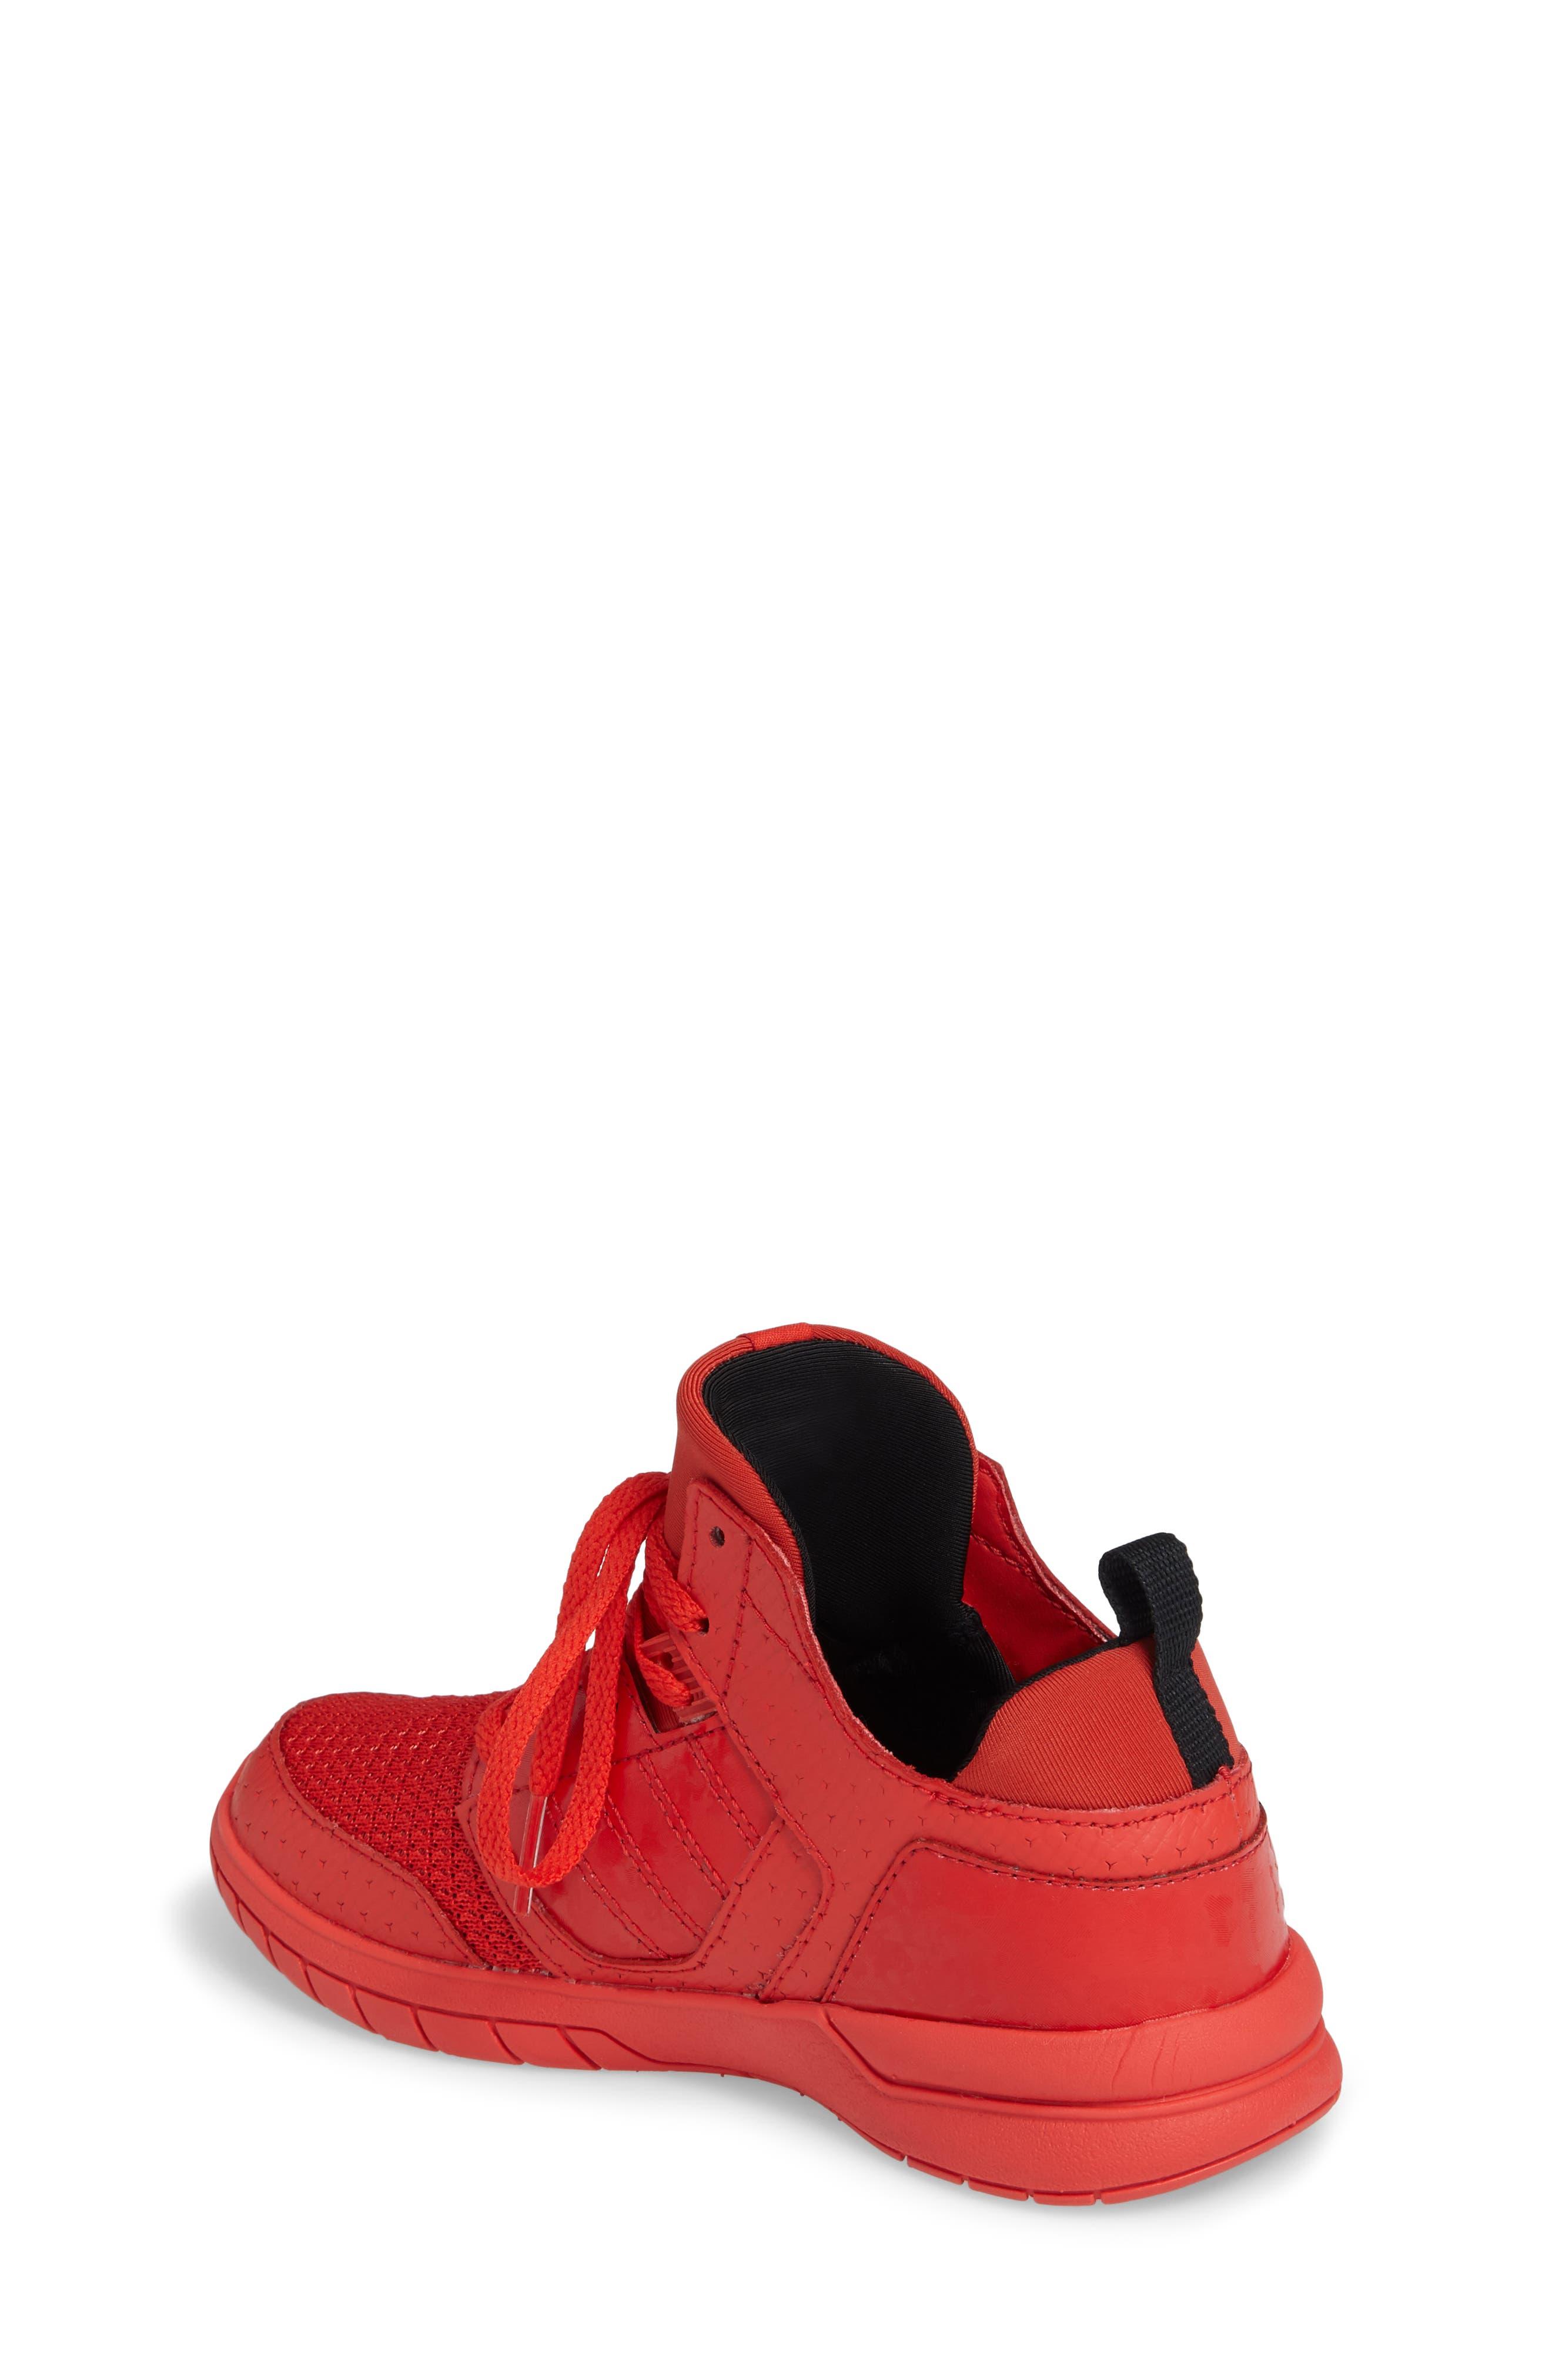 Method Sneaker,                             Alternate thumbnail 6, color,